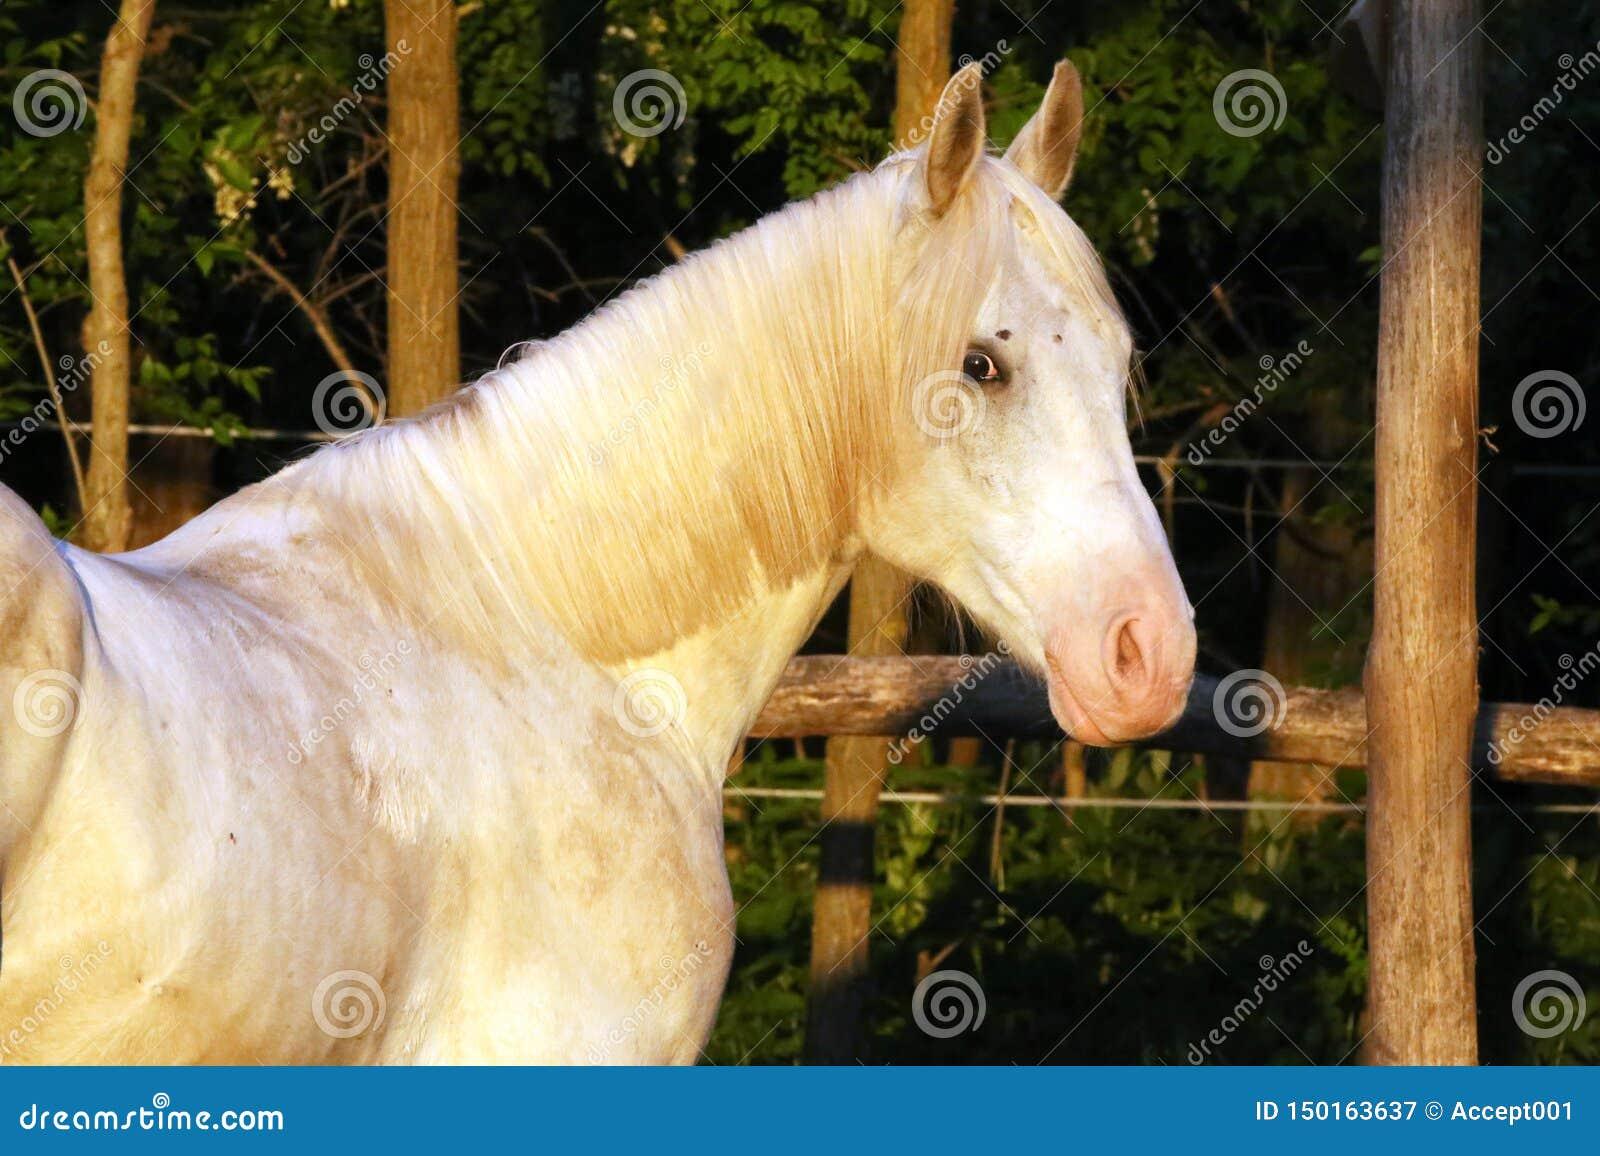 Porträt eines reinrassigen grauen arabischen Hengstes Nahaufnahme eines jungen reinrassigen Pferds Reinrassiges junges shagya ara